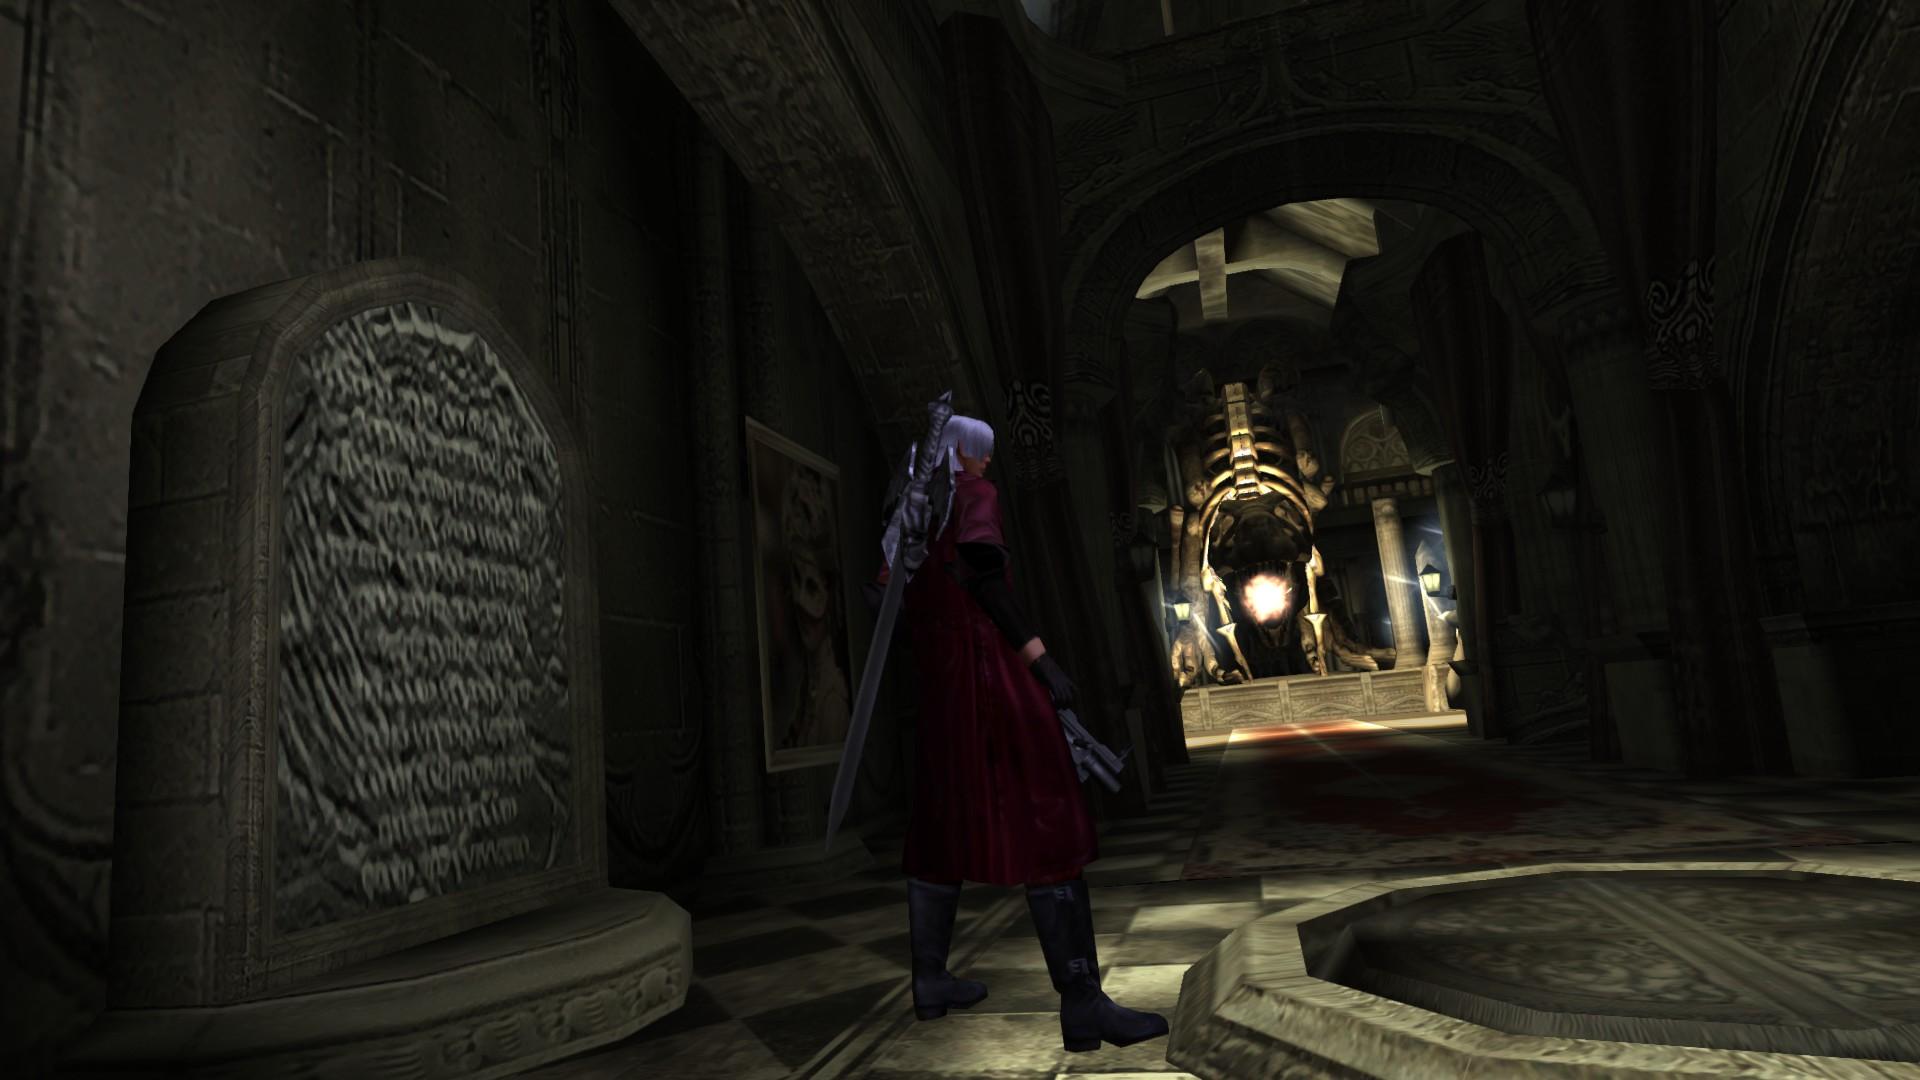 Пост-прохождение Devil May Cry Часть 6. - Изображение 37